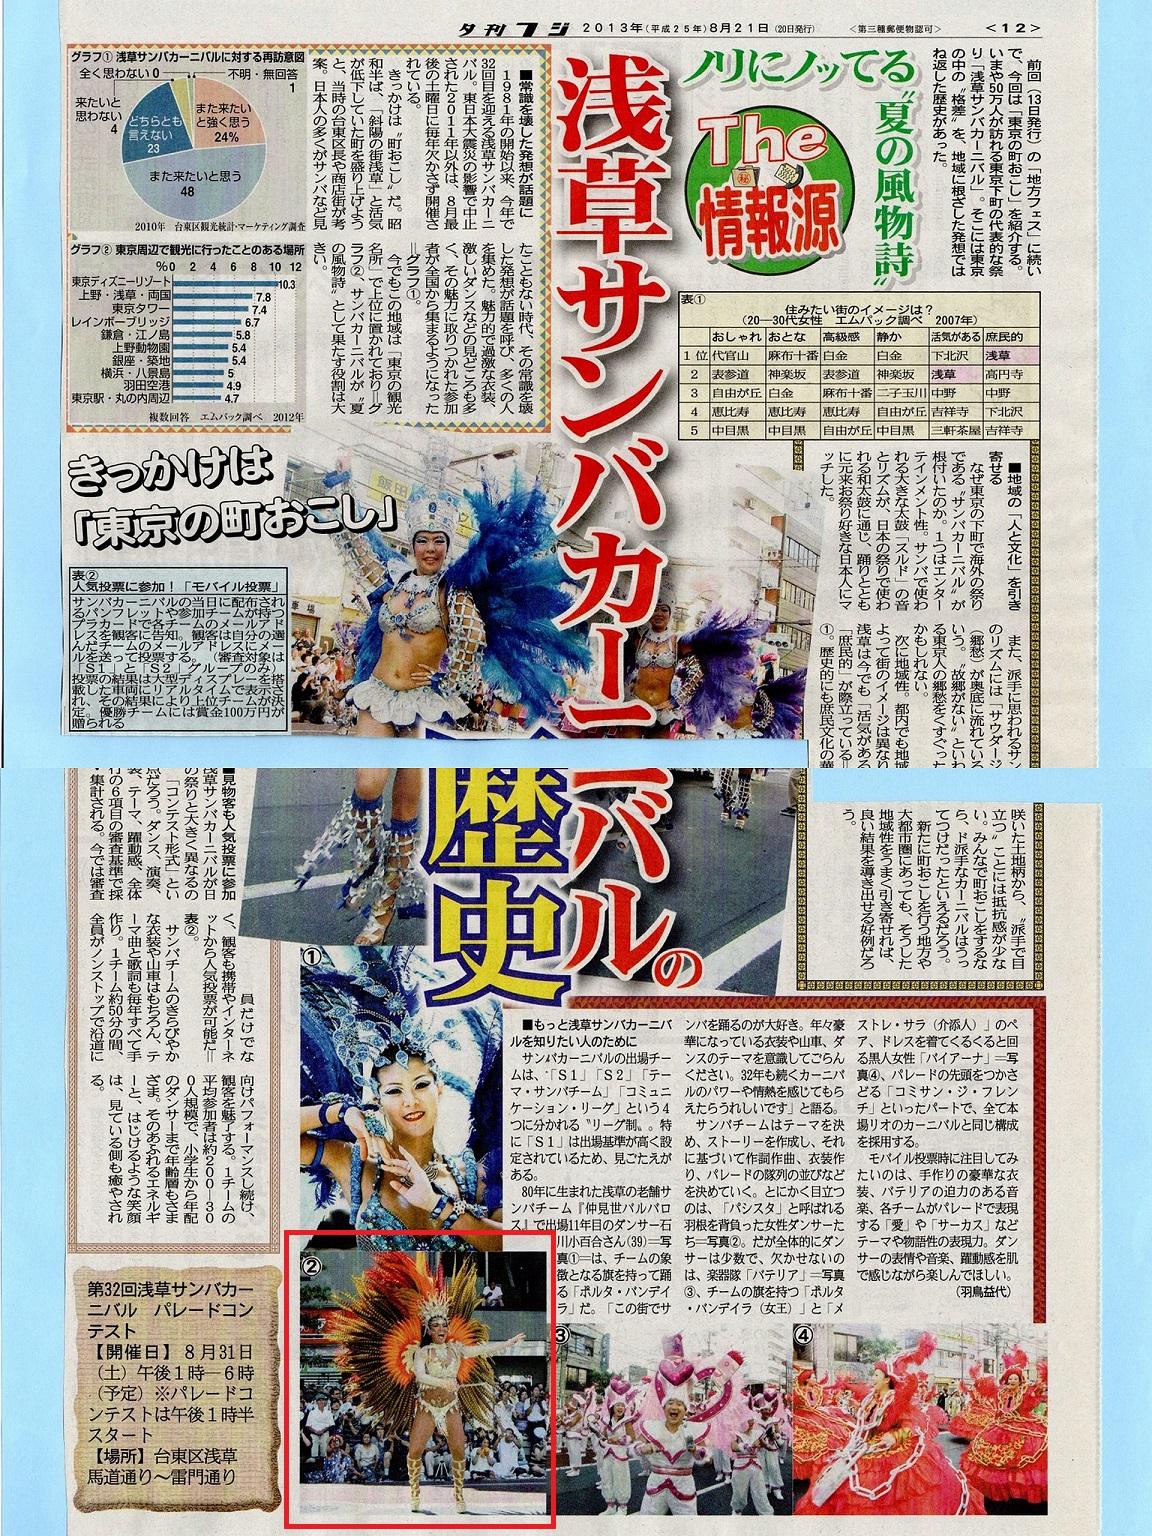 2013_08_21_fuji.jpg